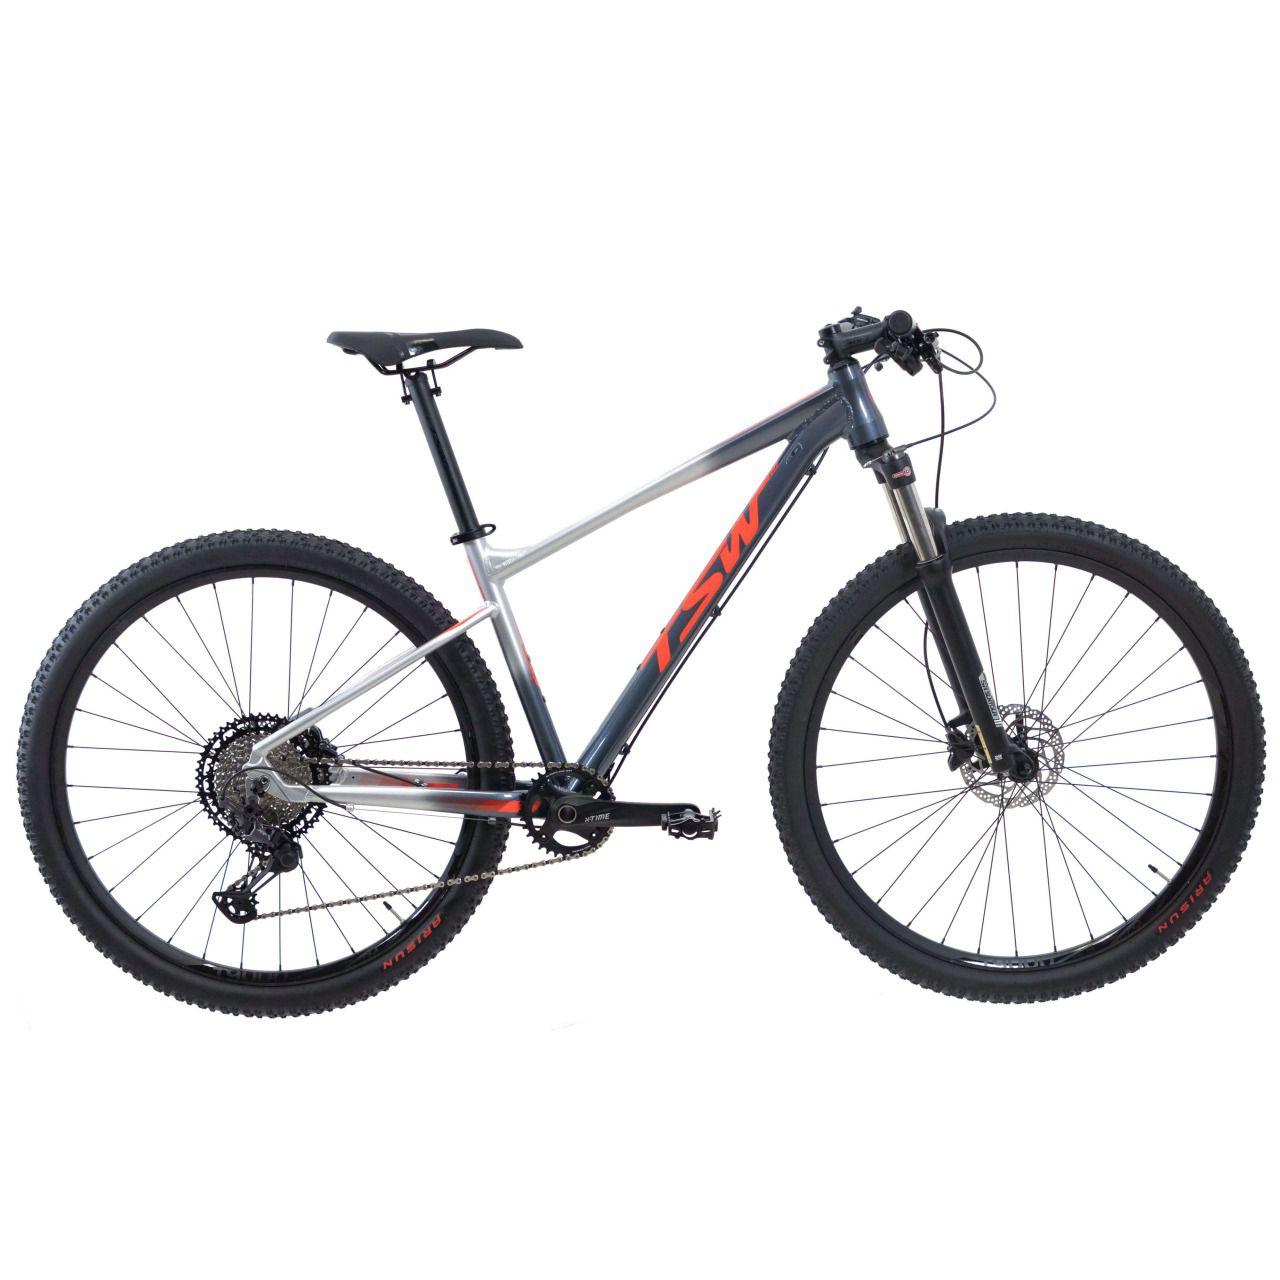 Bicicleta TSW Hurry Plus 29 2020 - 12v Shimano XT / SLX - Freios Shimano Hidráulico - MELHOR CUSTO BENEFÍCIO DA CATEGORIA